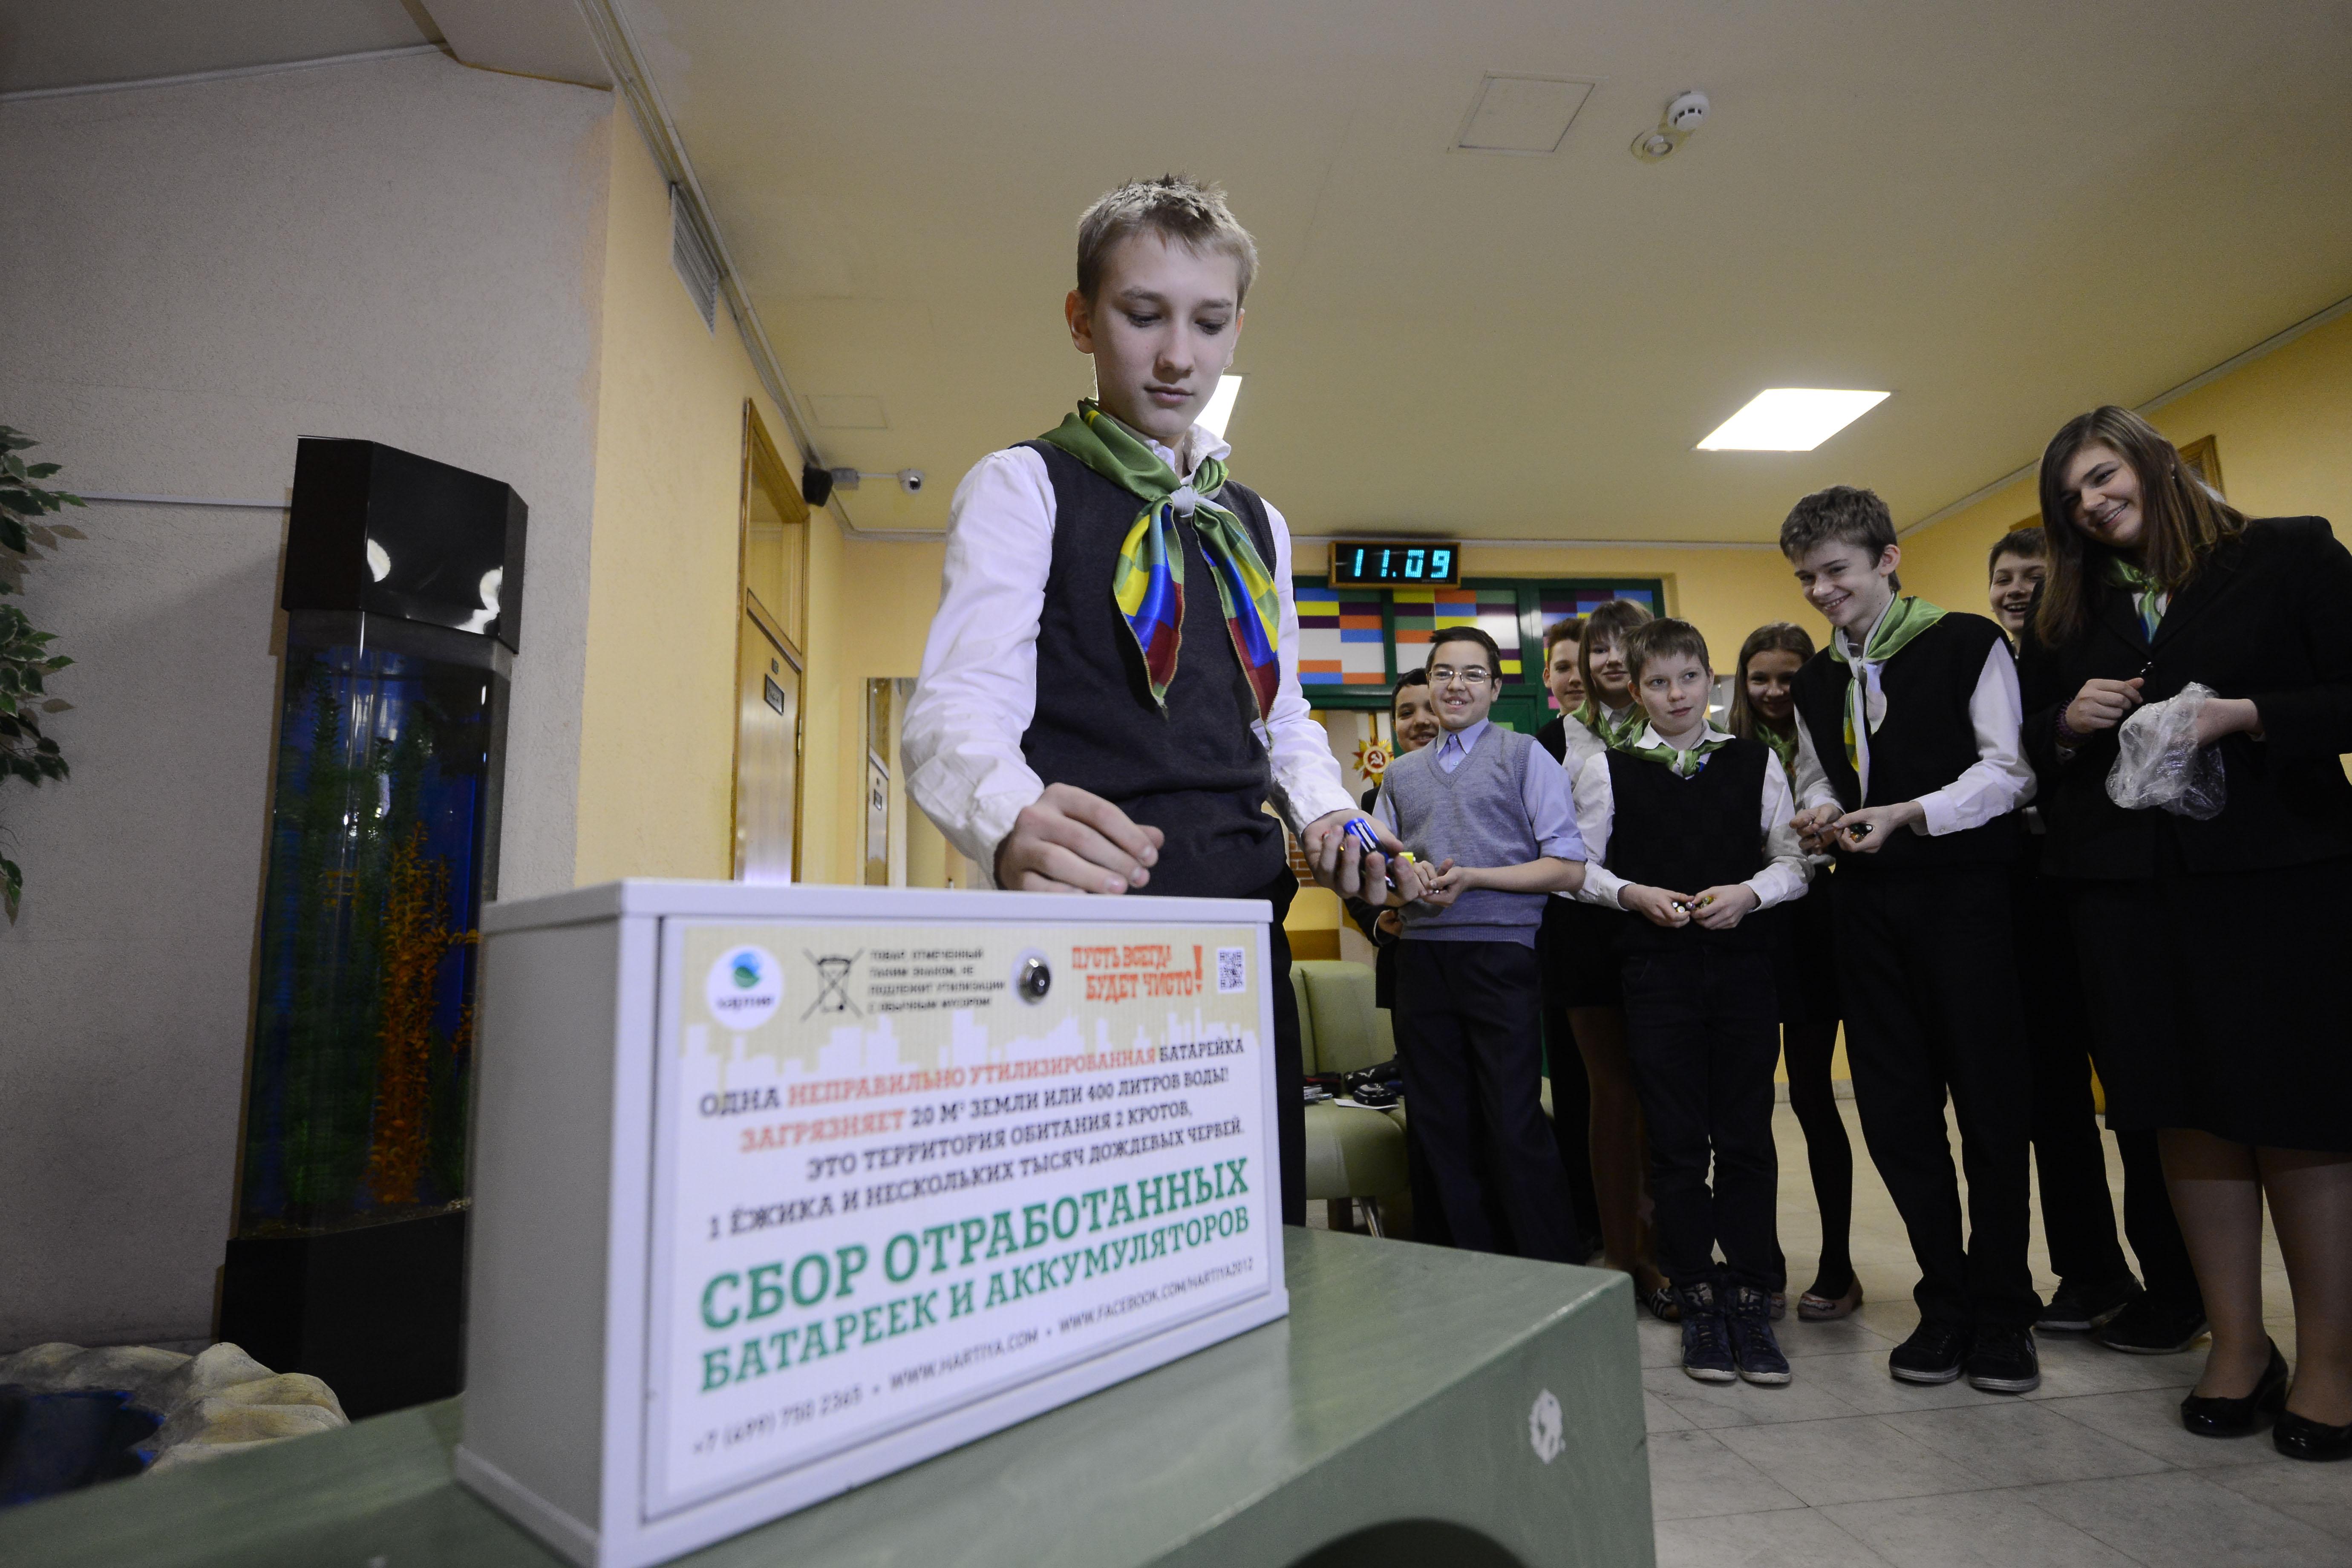 Школьники из Московского передали 100 килограммов батареек на переработку в рамках акции «Экозабота»